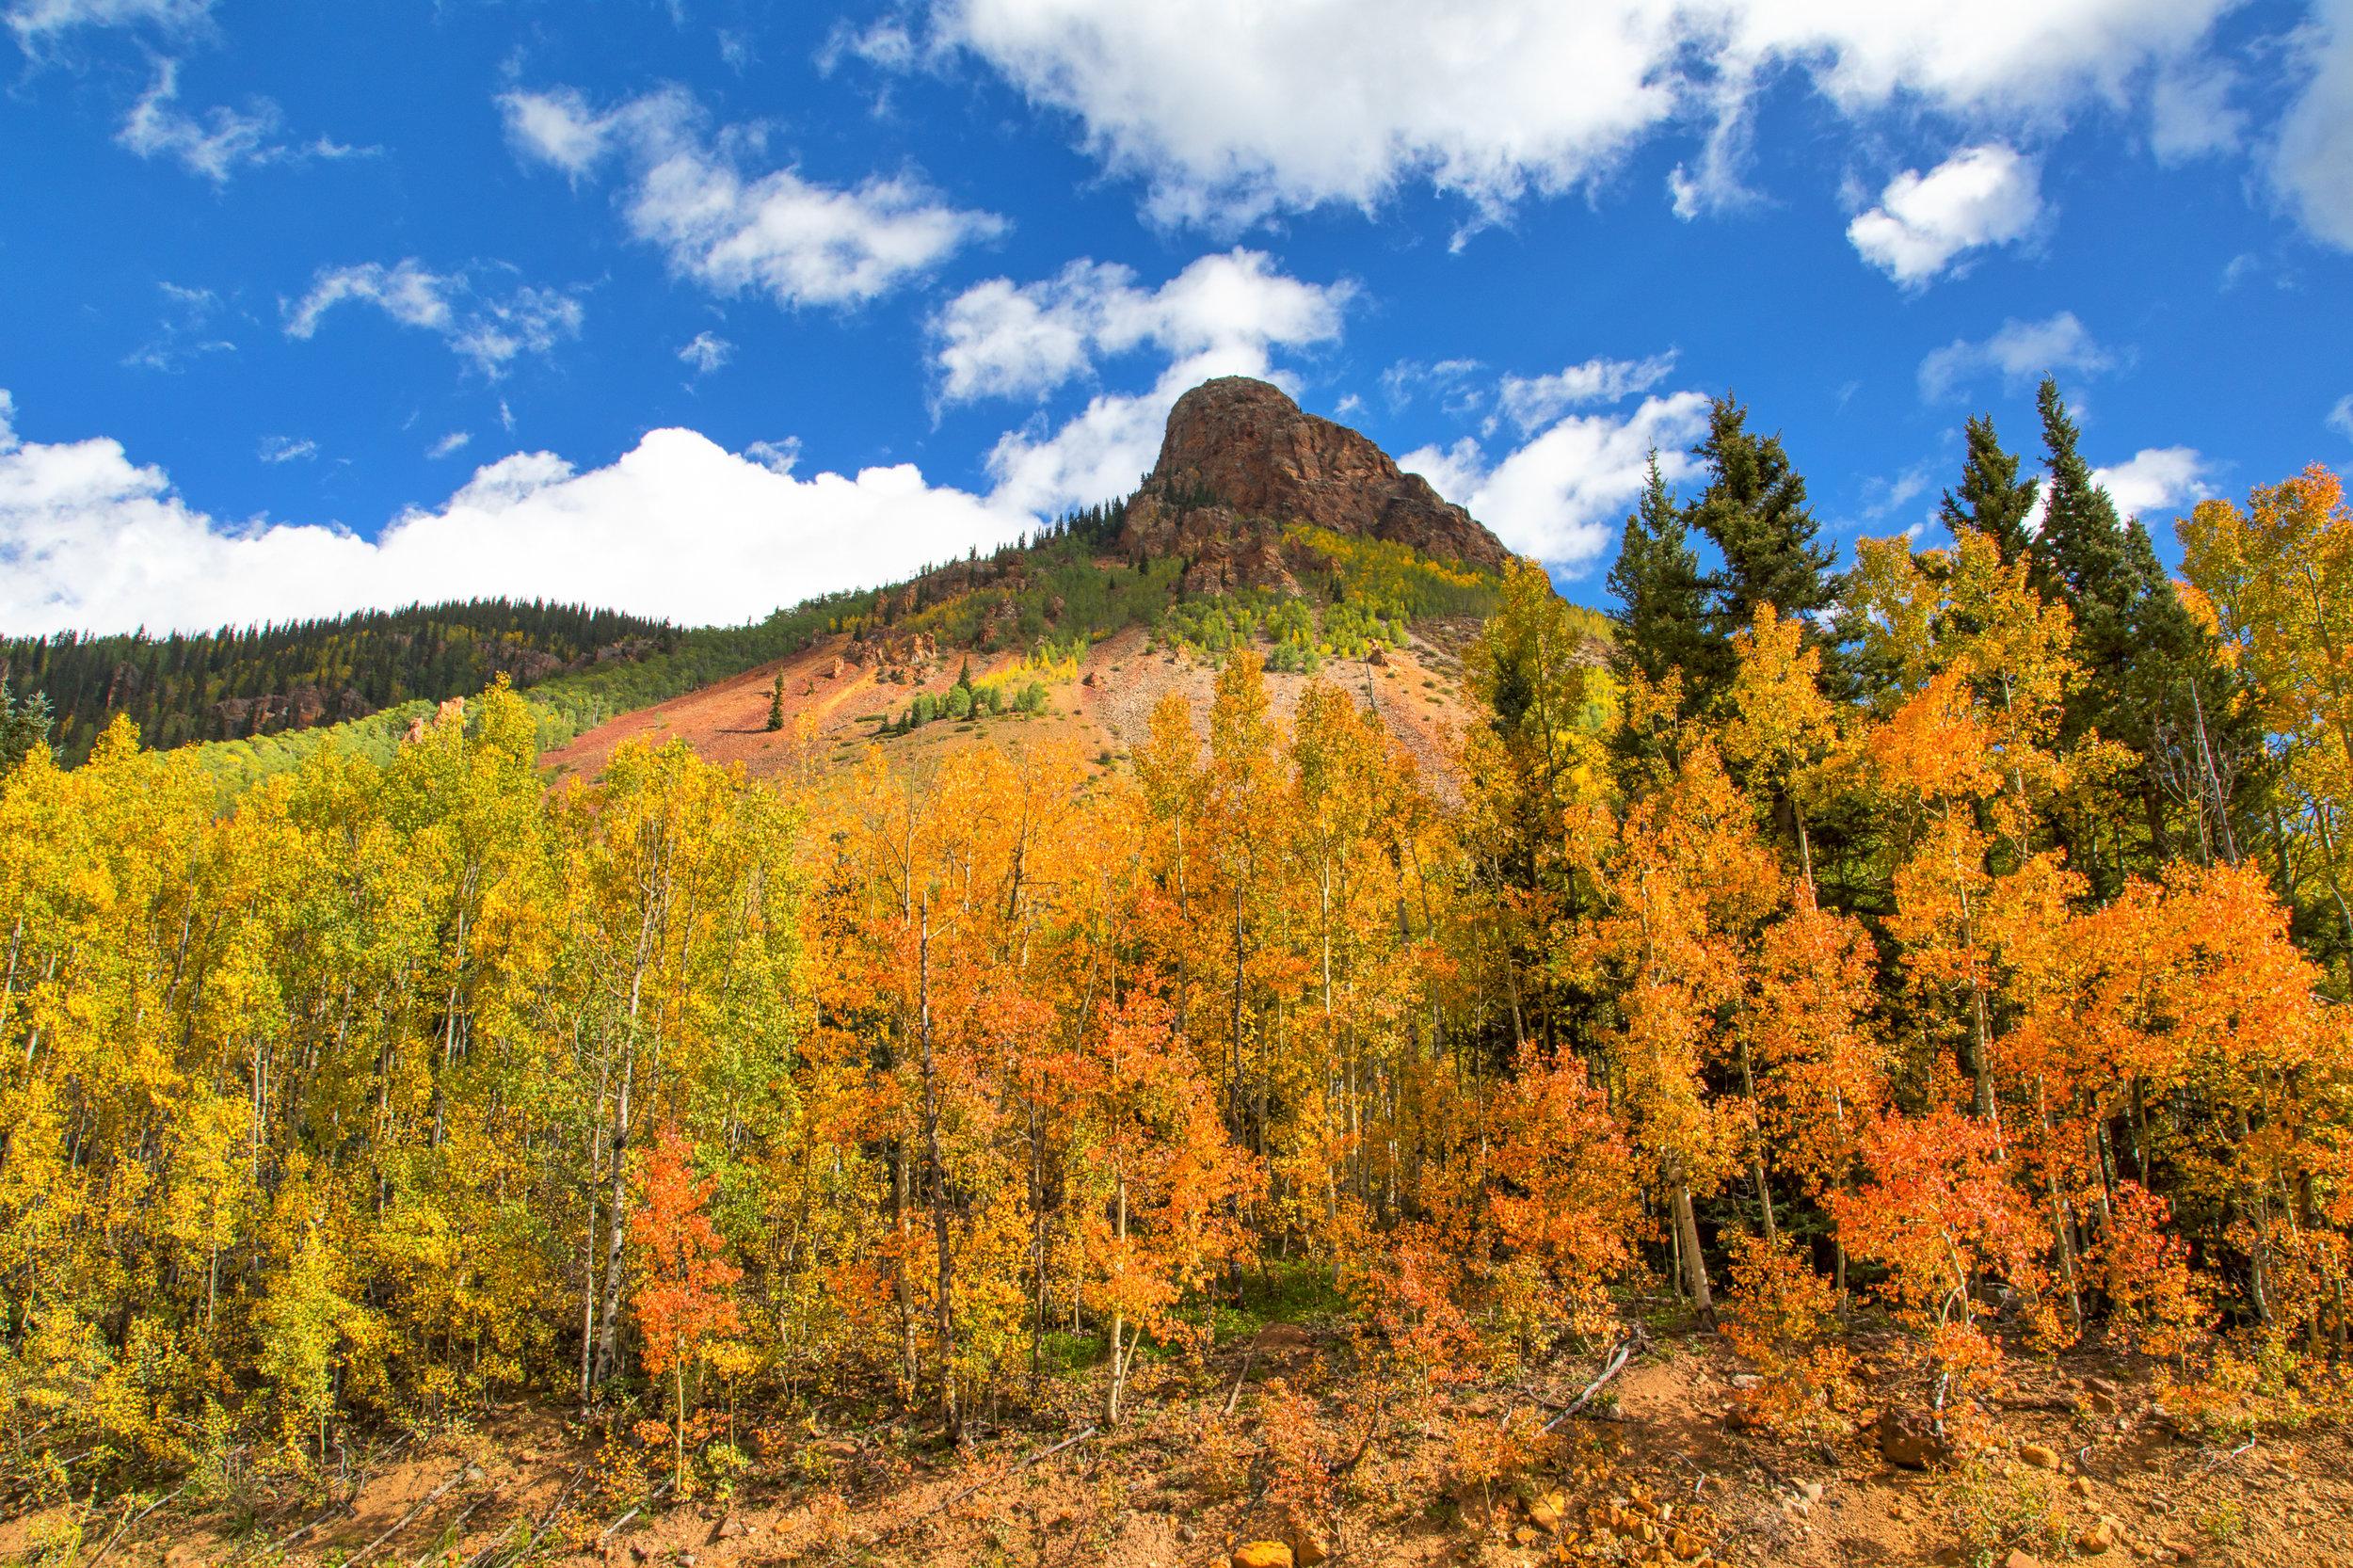 Silverton, Colorado, Image # 9543